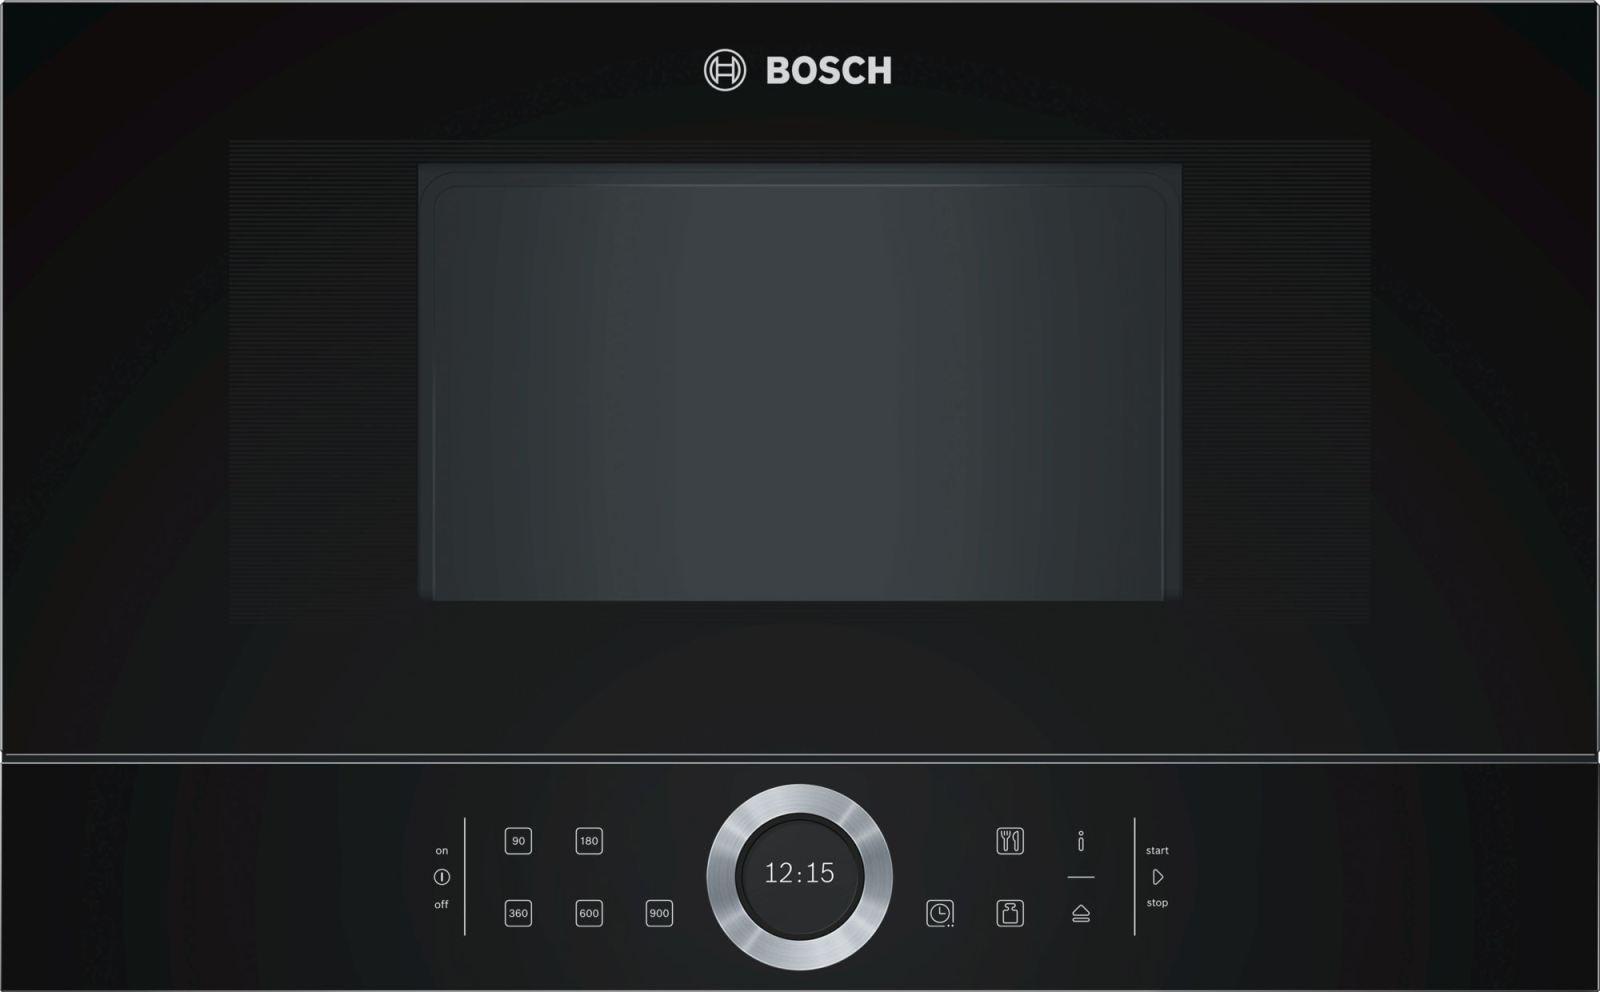 Lò vi sóng Bosch BFL634GB1B